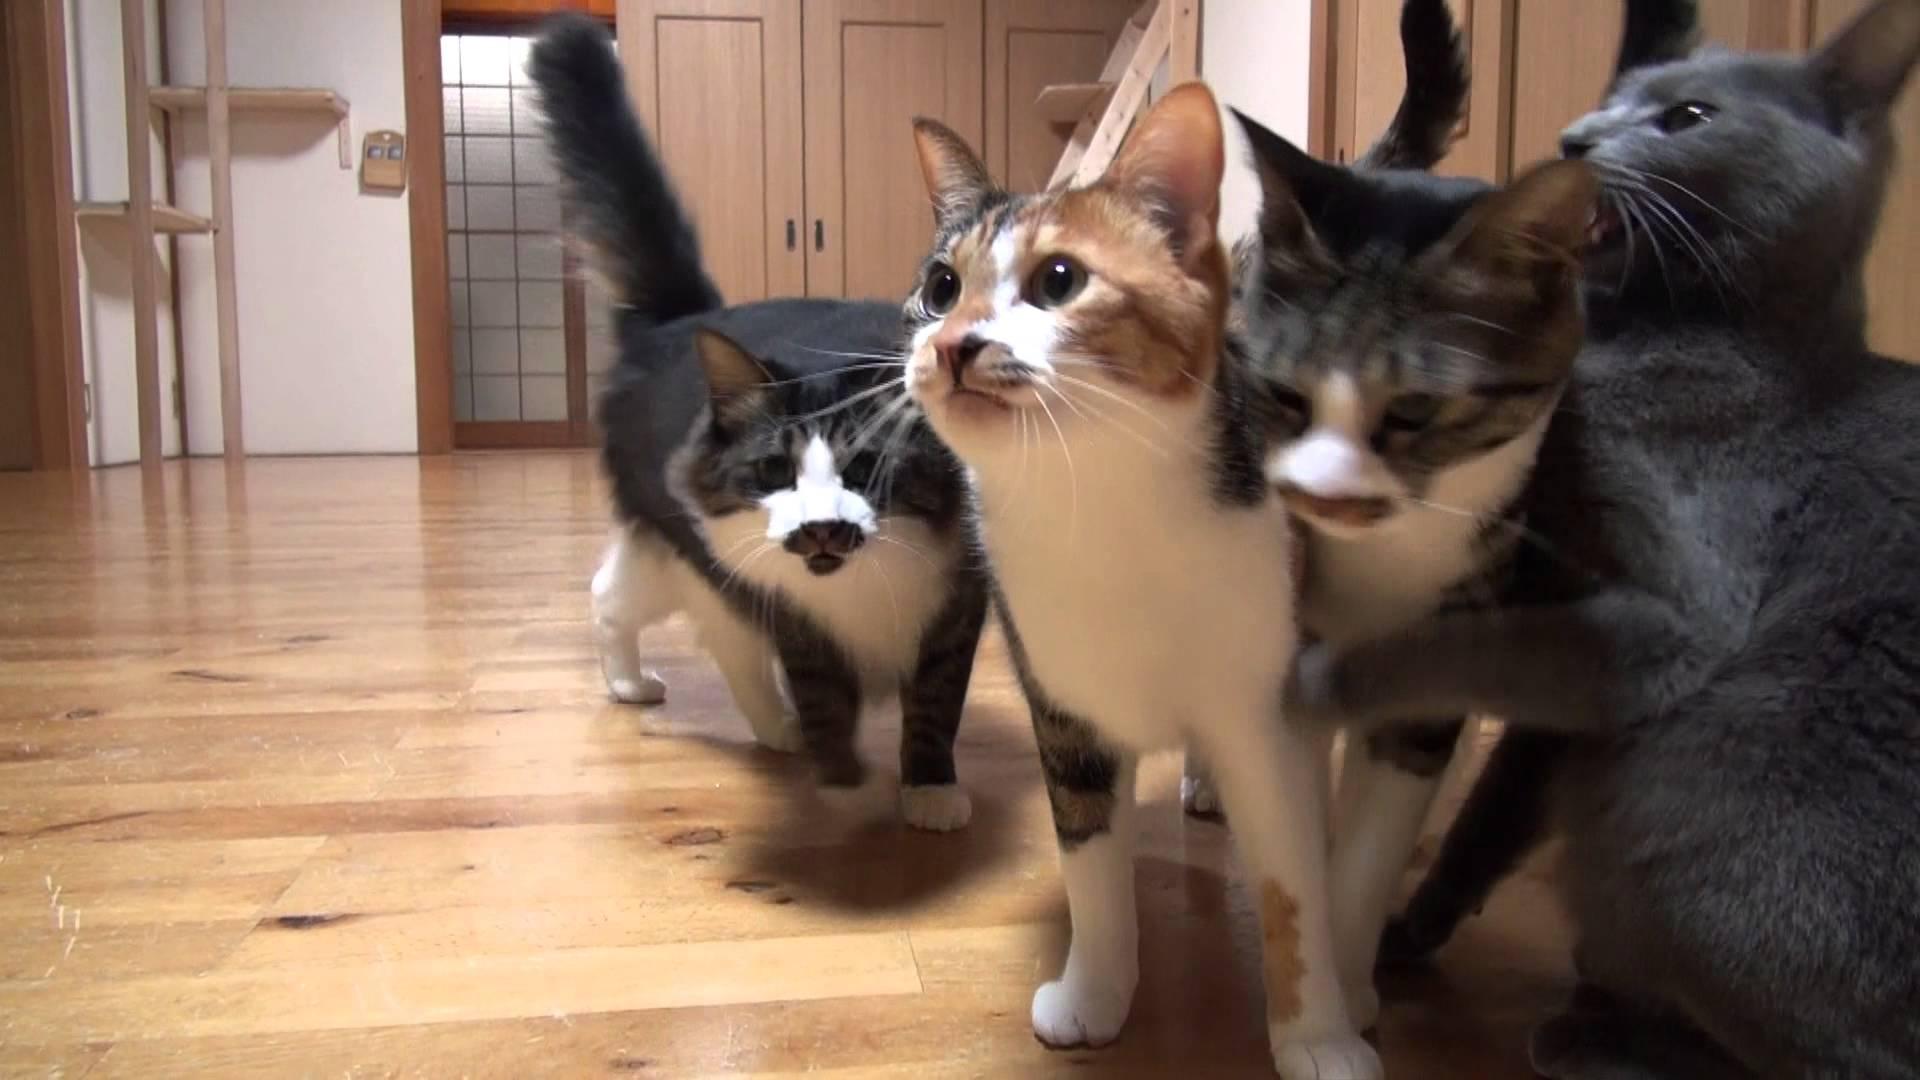 沢山の猫に囲まれて過ごすとこんな毎日なのか!